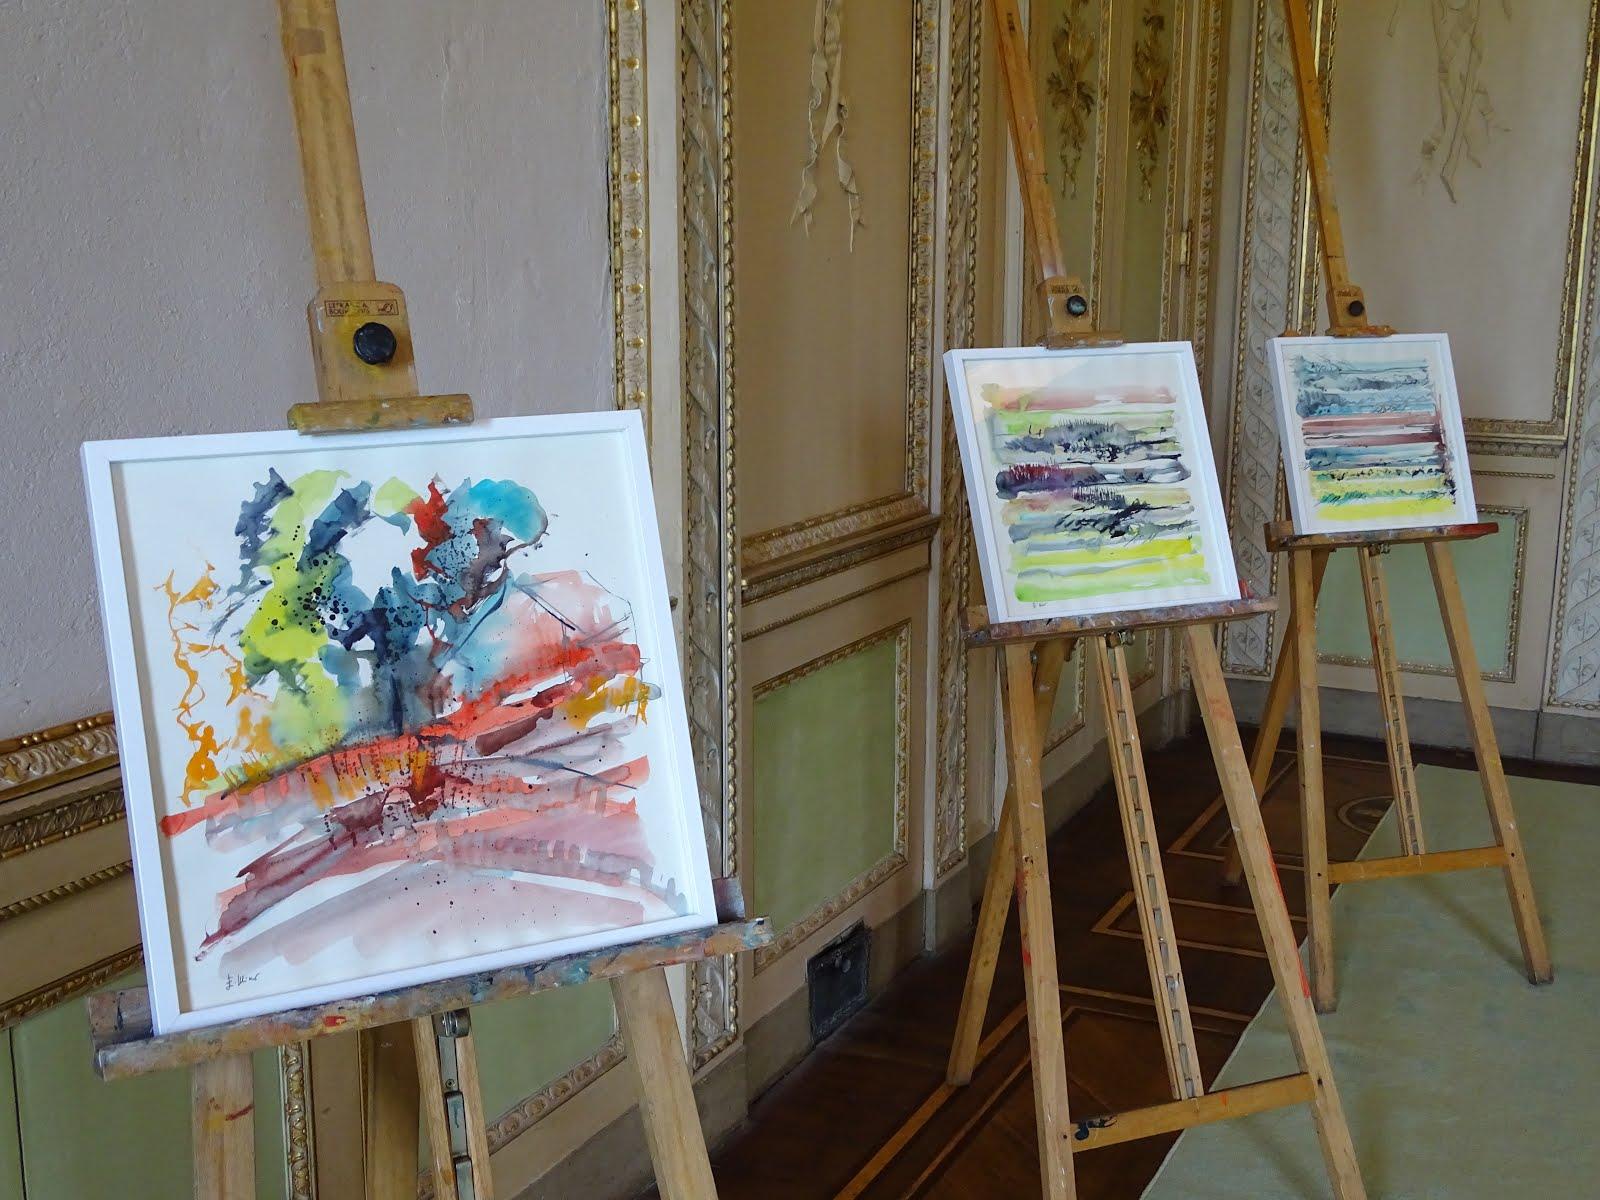 Mostra personale di acquarelli dell'insegnante alla Villa Reale di Monza